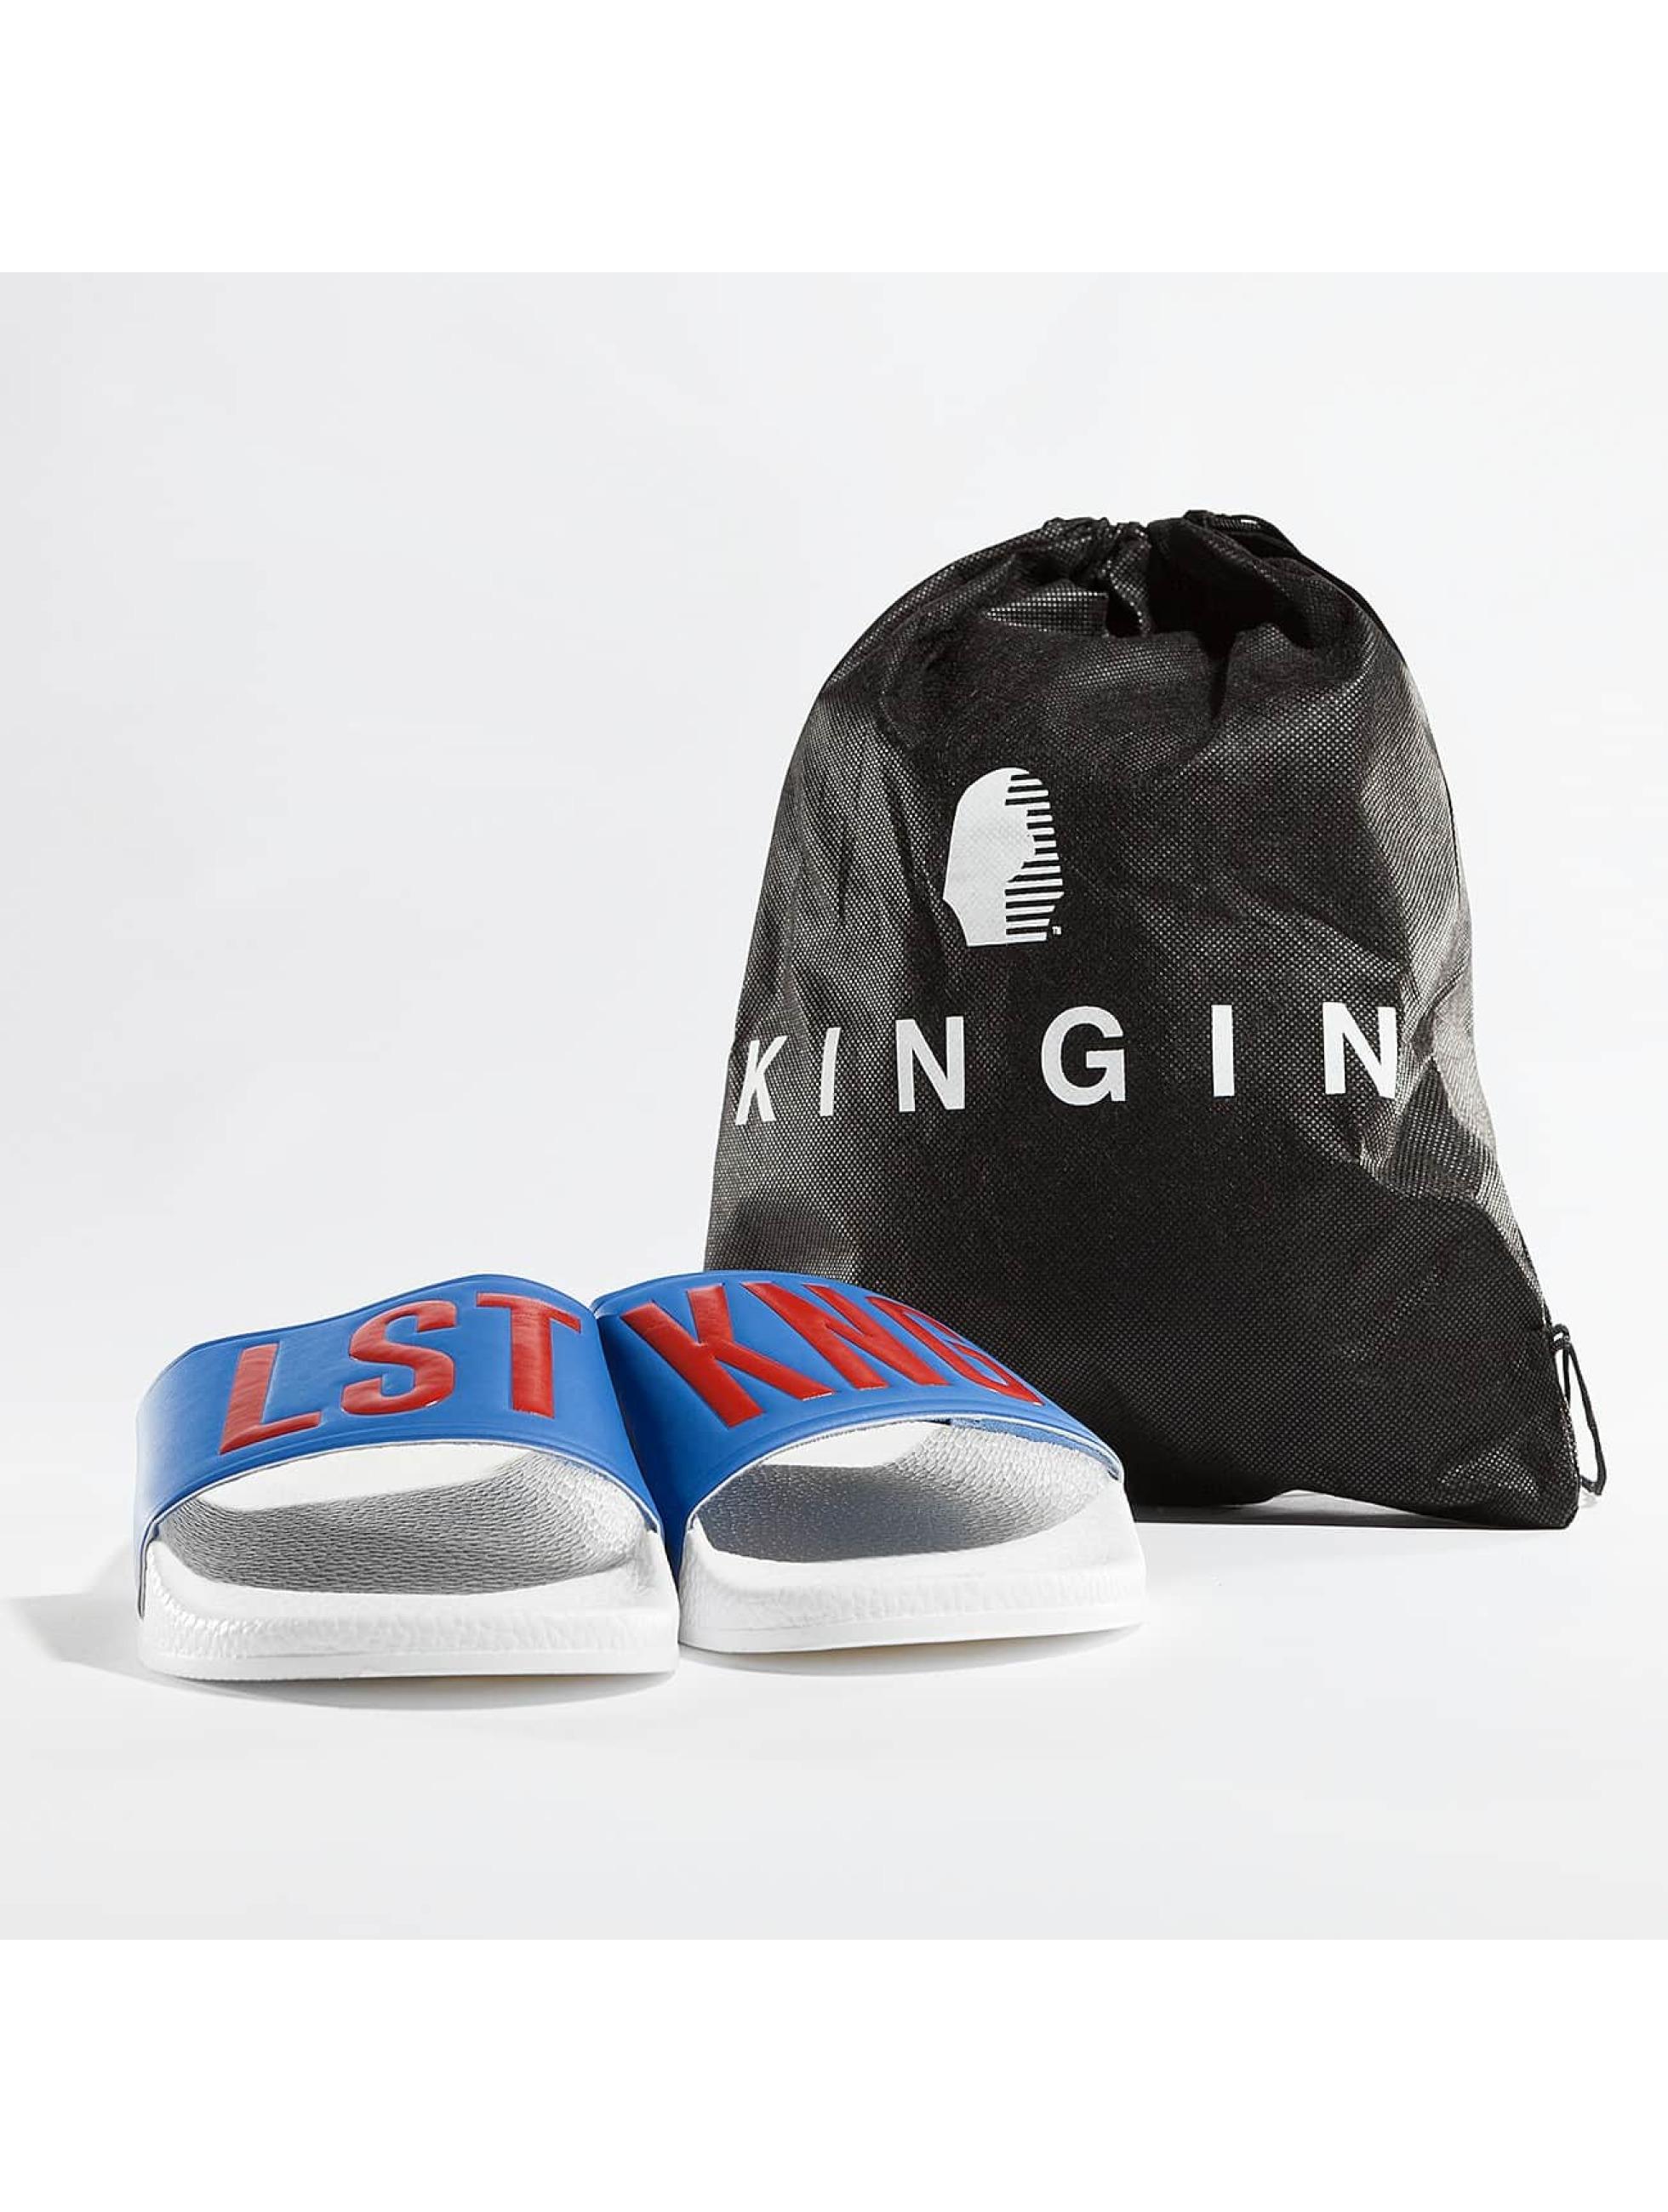 Kingin Badesko/sandaler King blå